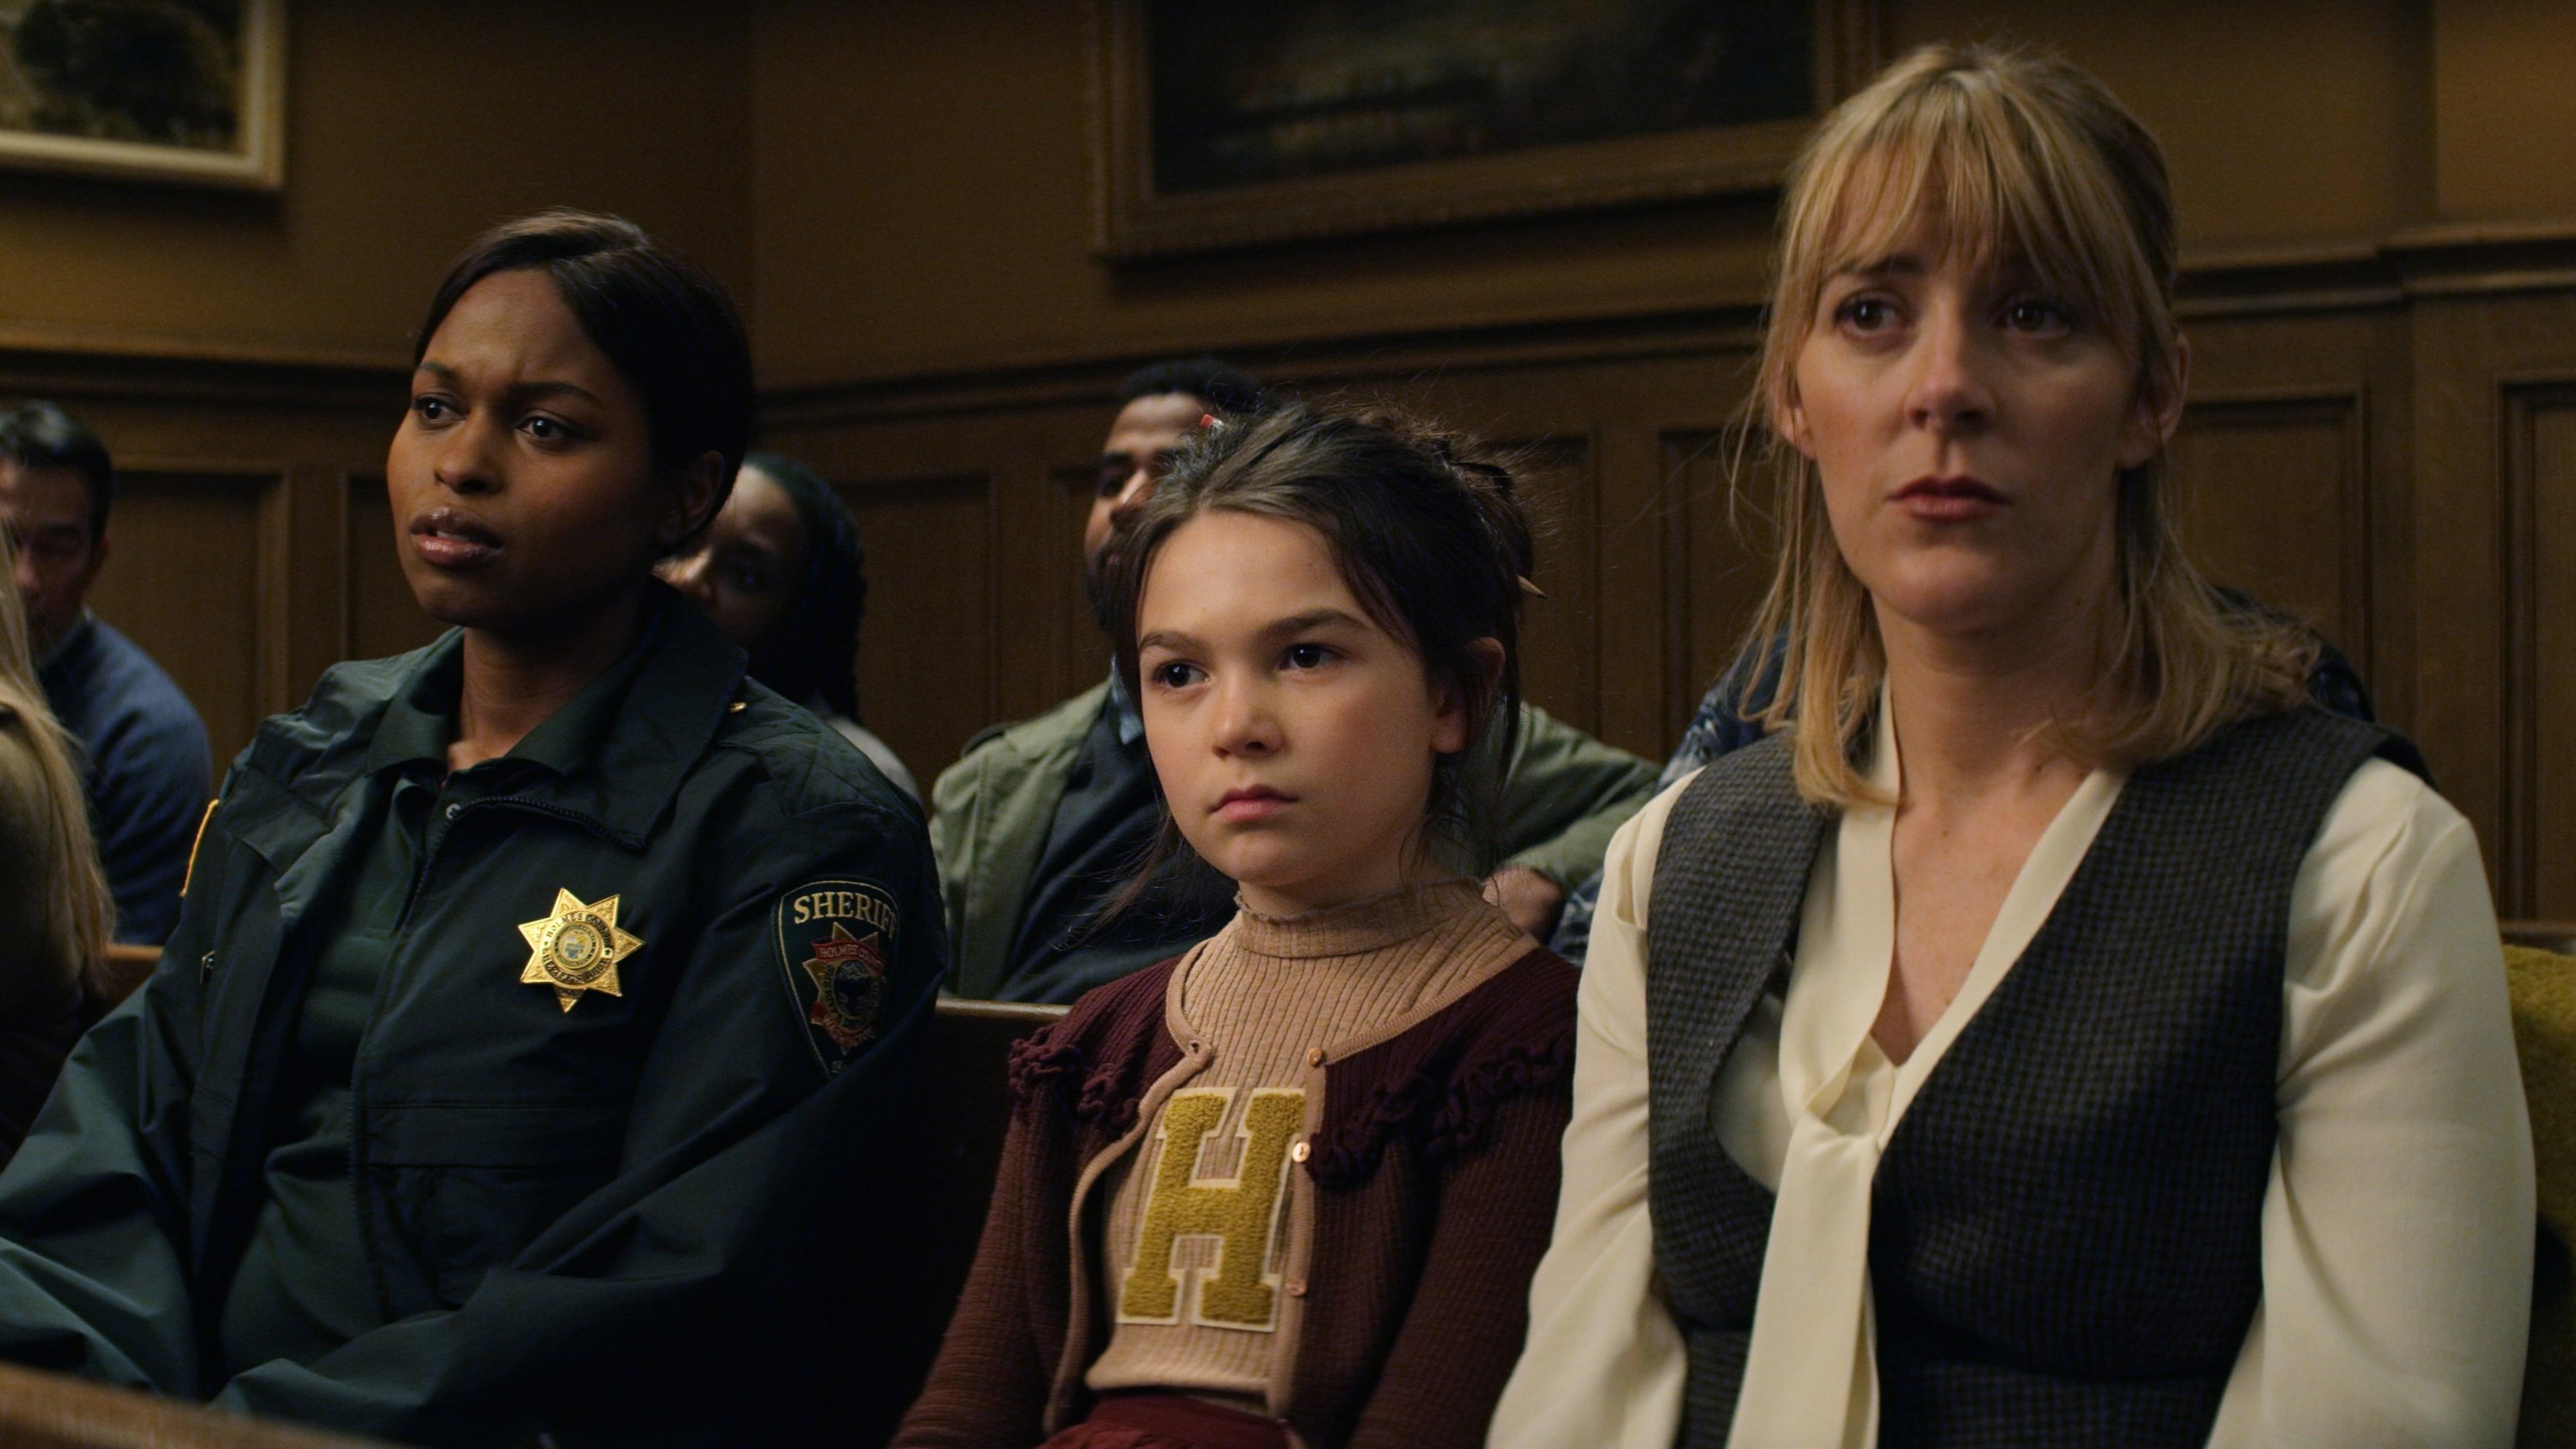 Home Before Dark (TV Series 2020– ) - IMDb